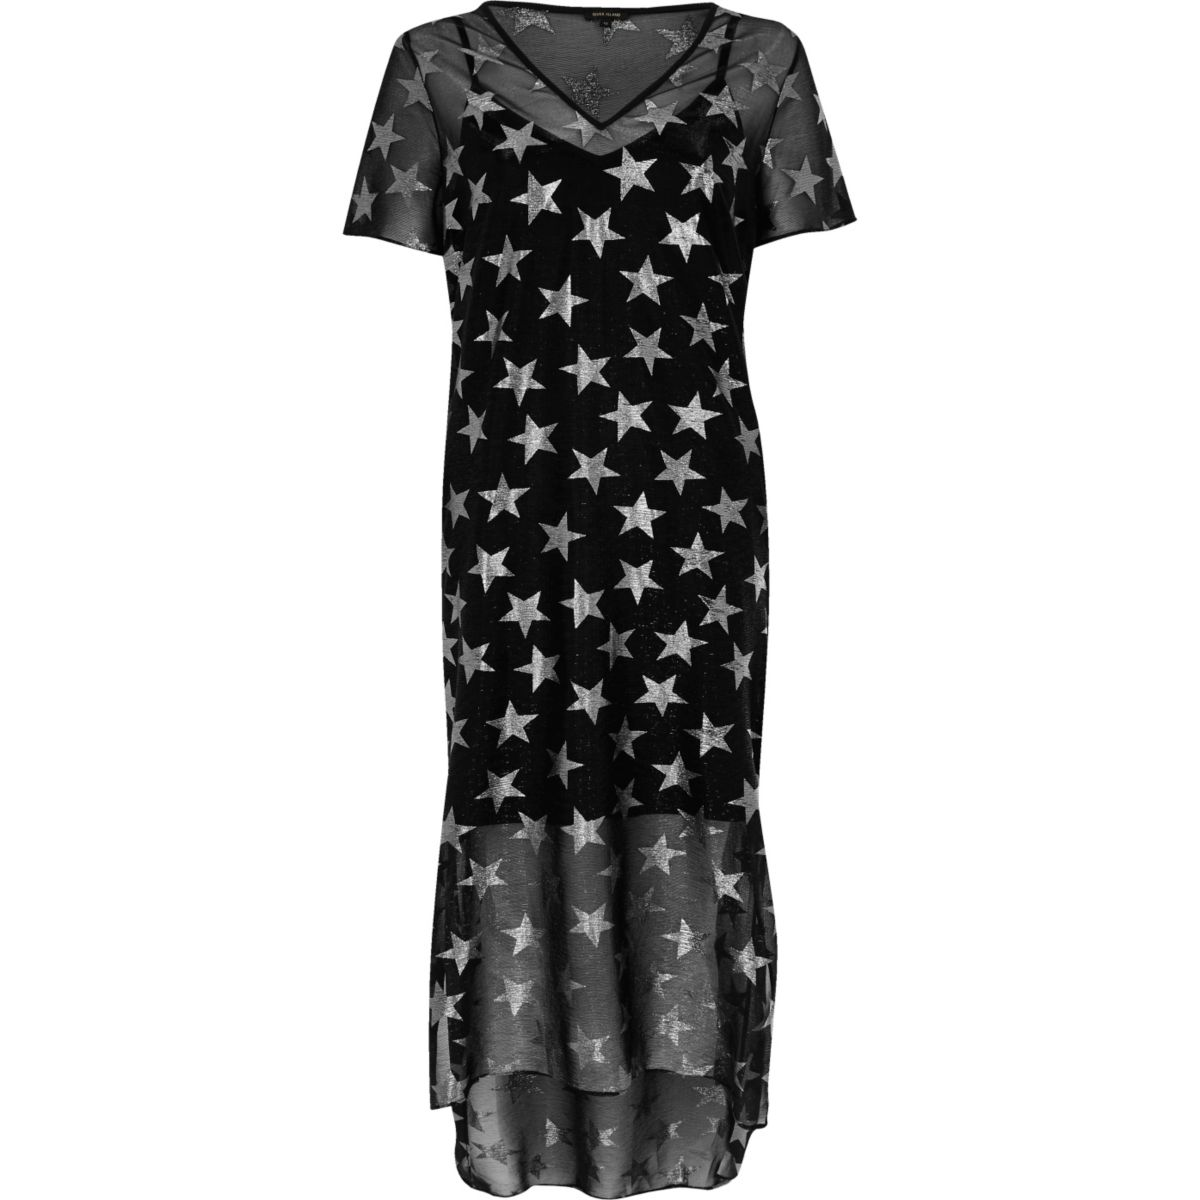 Black metallic star print T-shirt dress